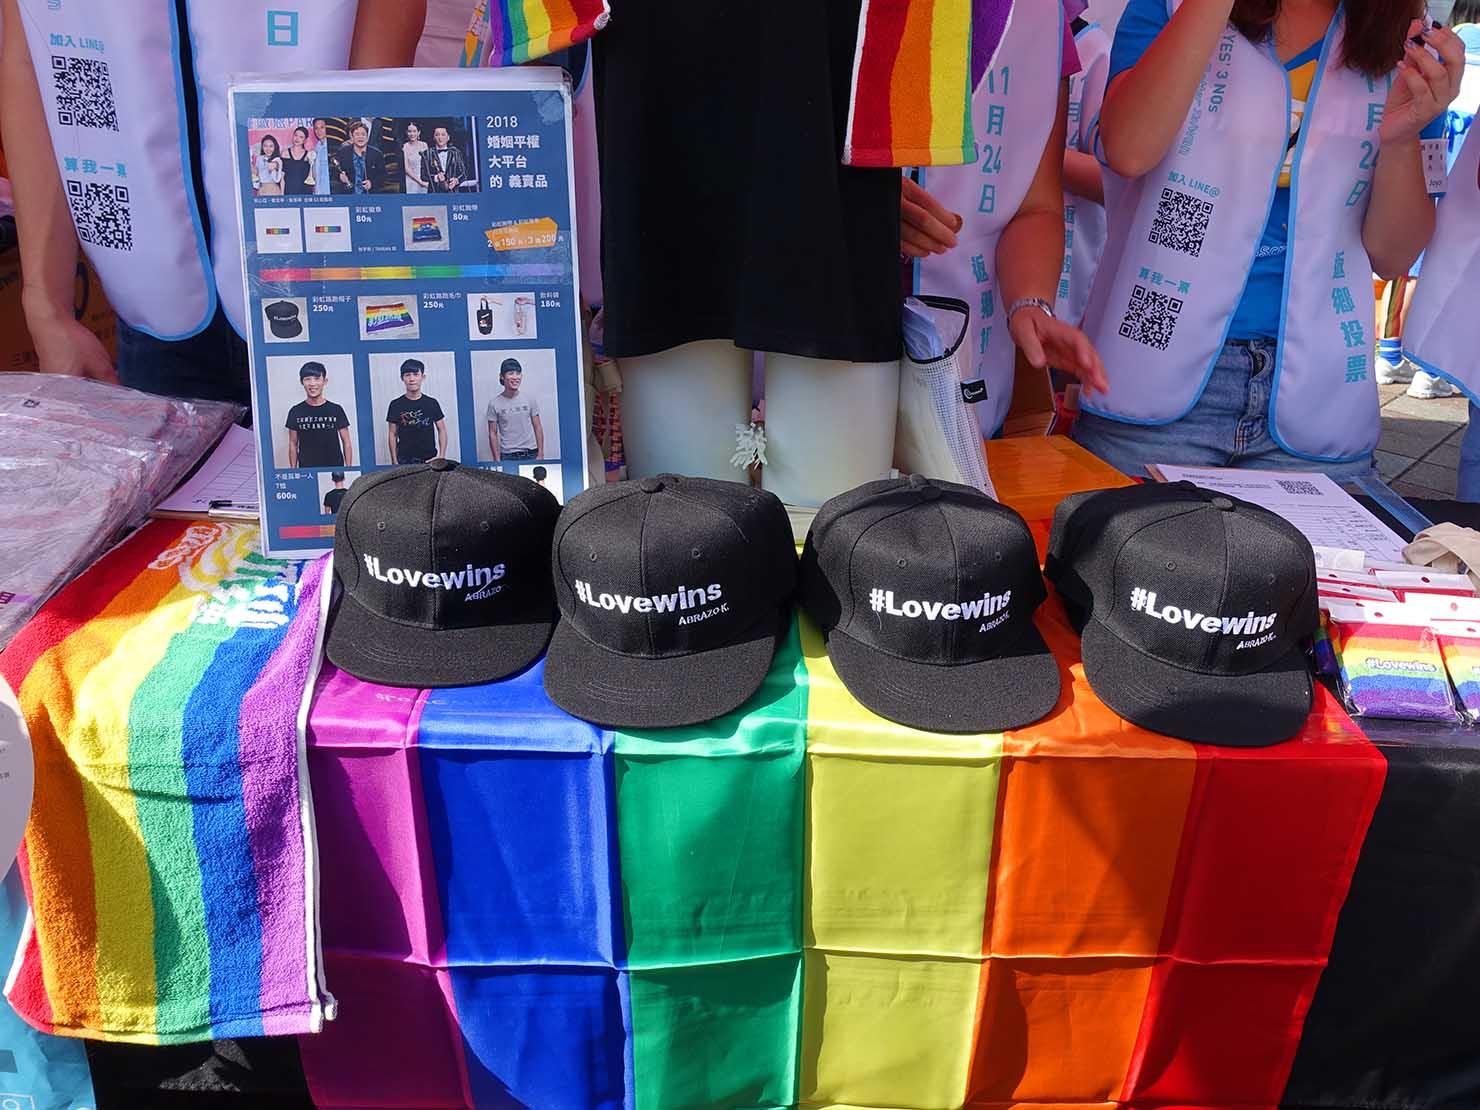 台灣同志遊行(台湾LGBTプライド)2018の会場ブースに並ぶイベント限定グッズ